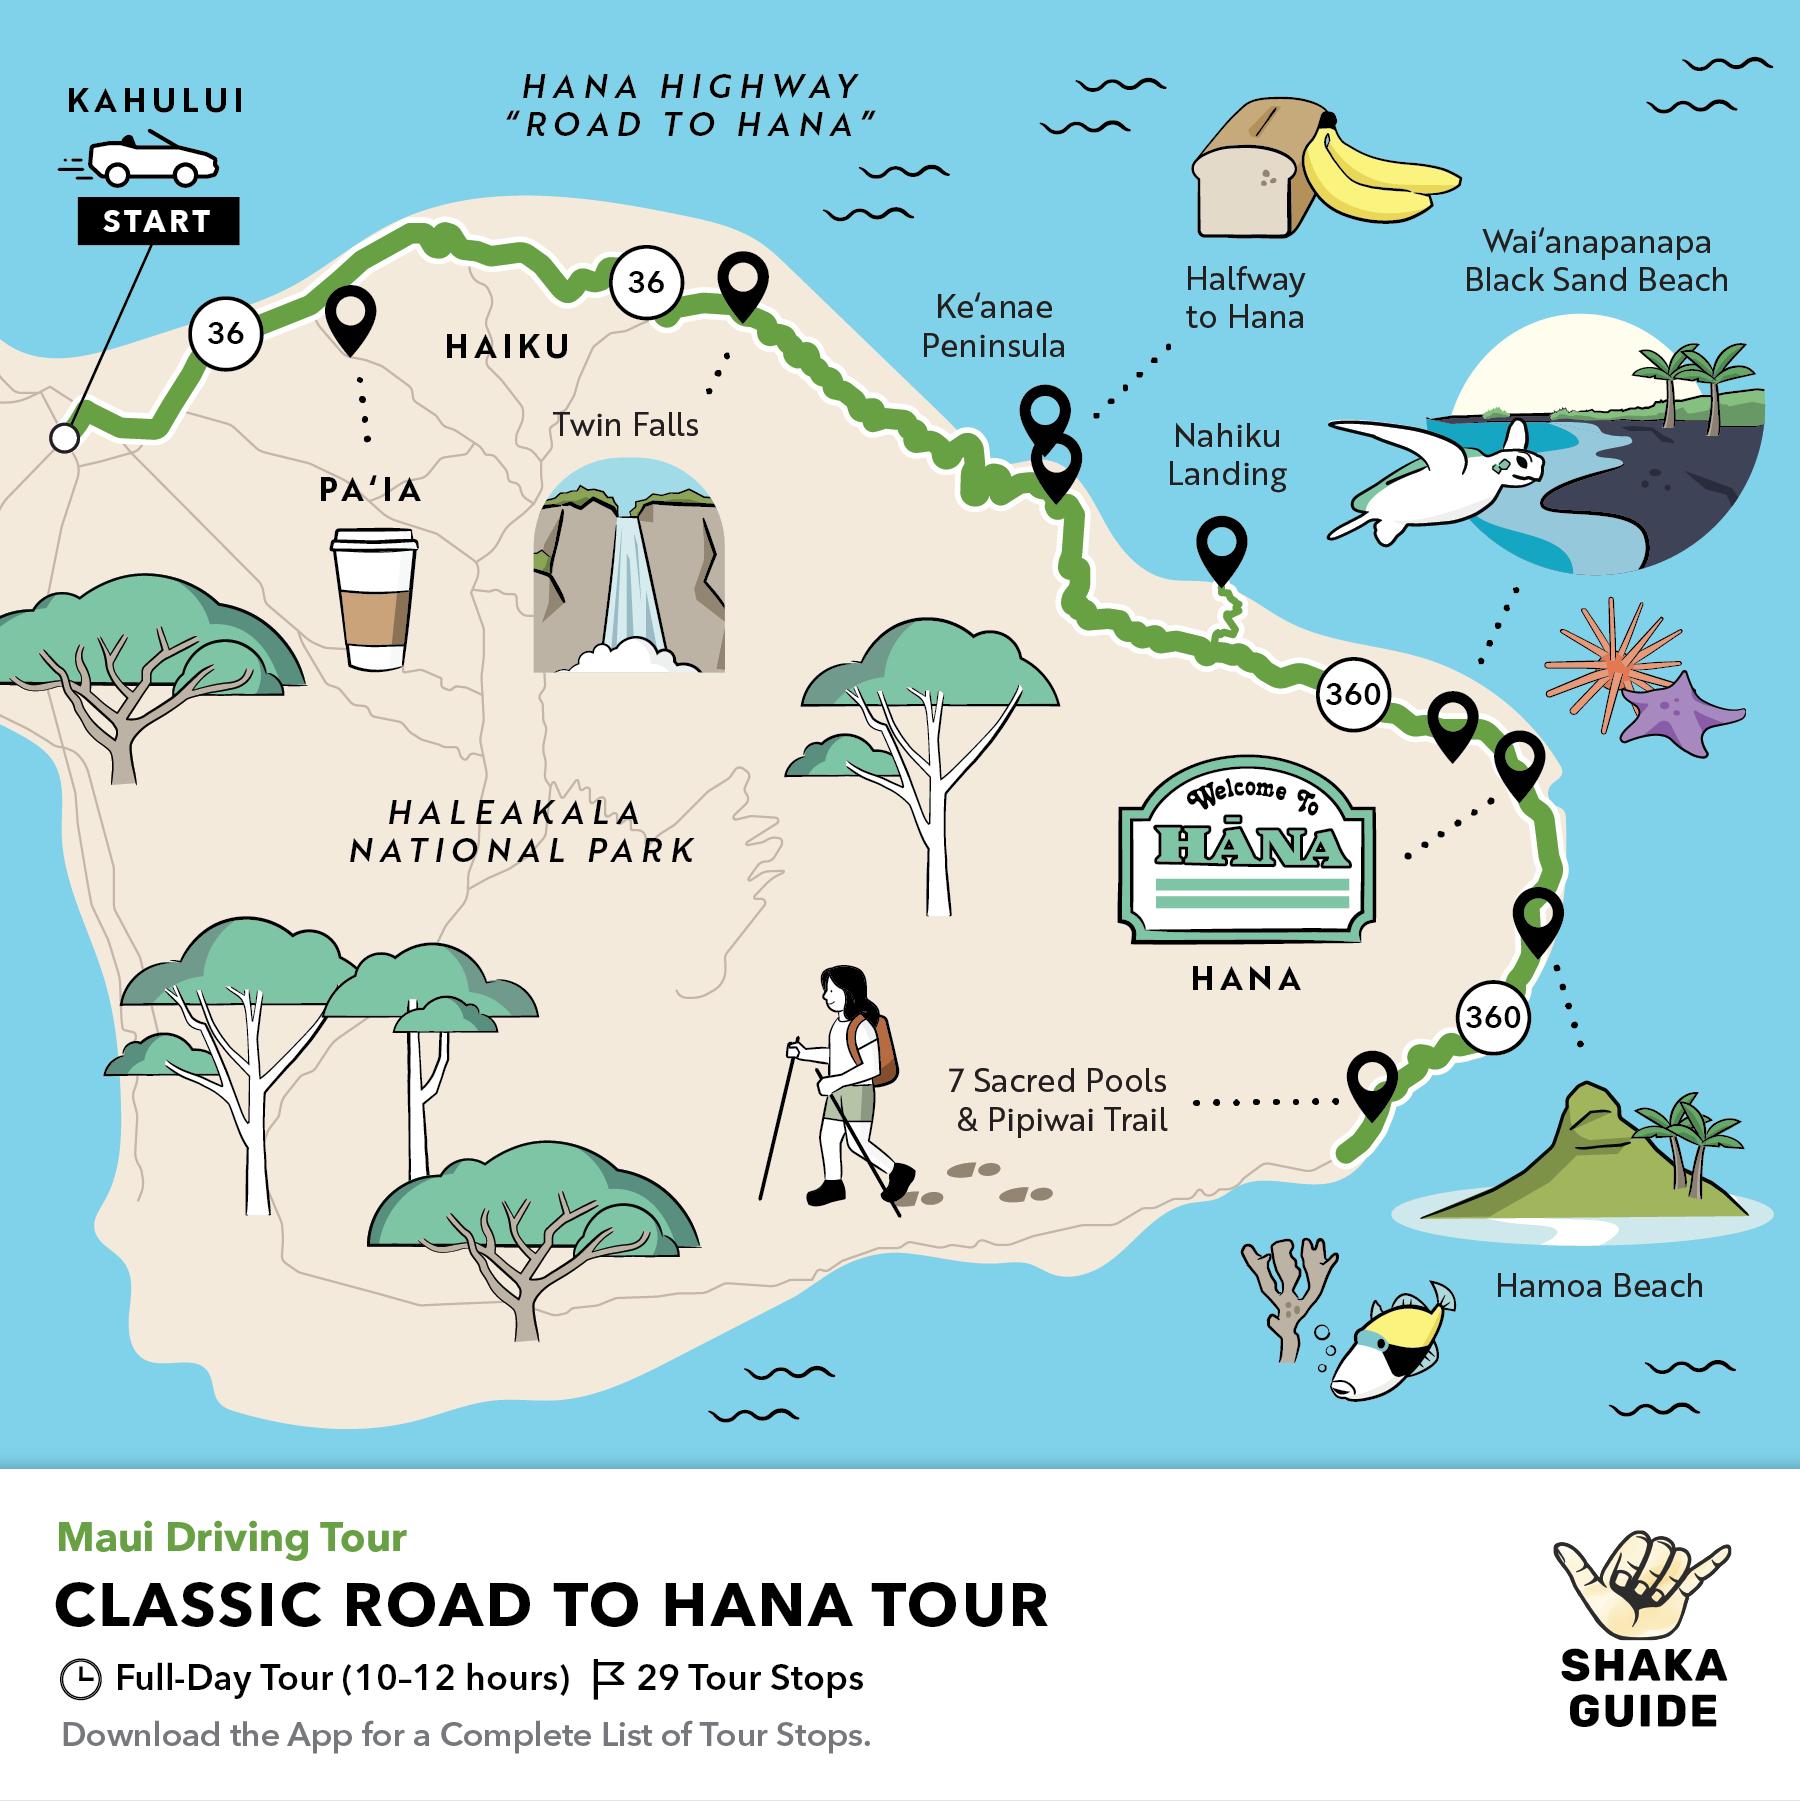 Shaka Guide's Classic Road to Hana Tour